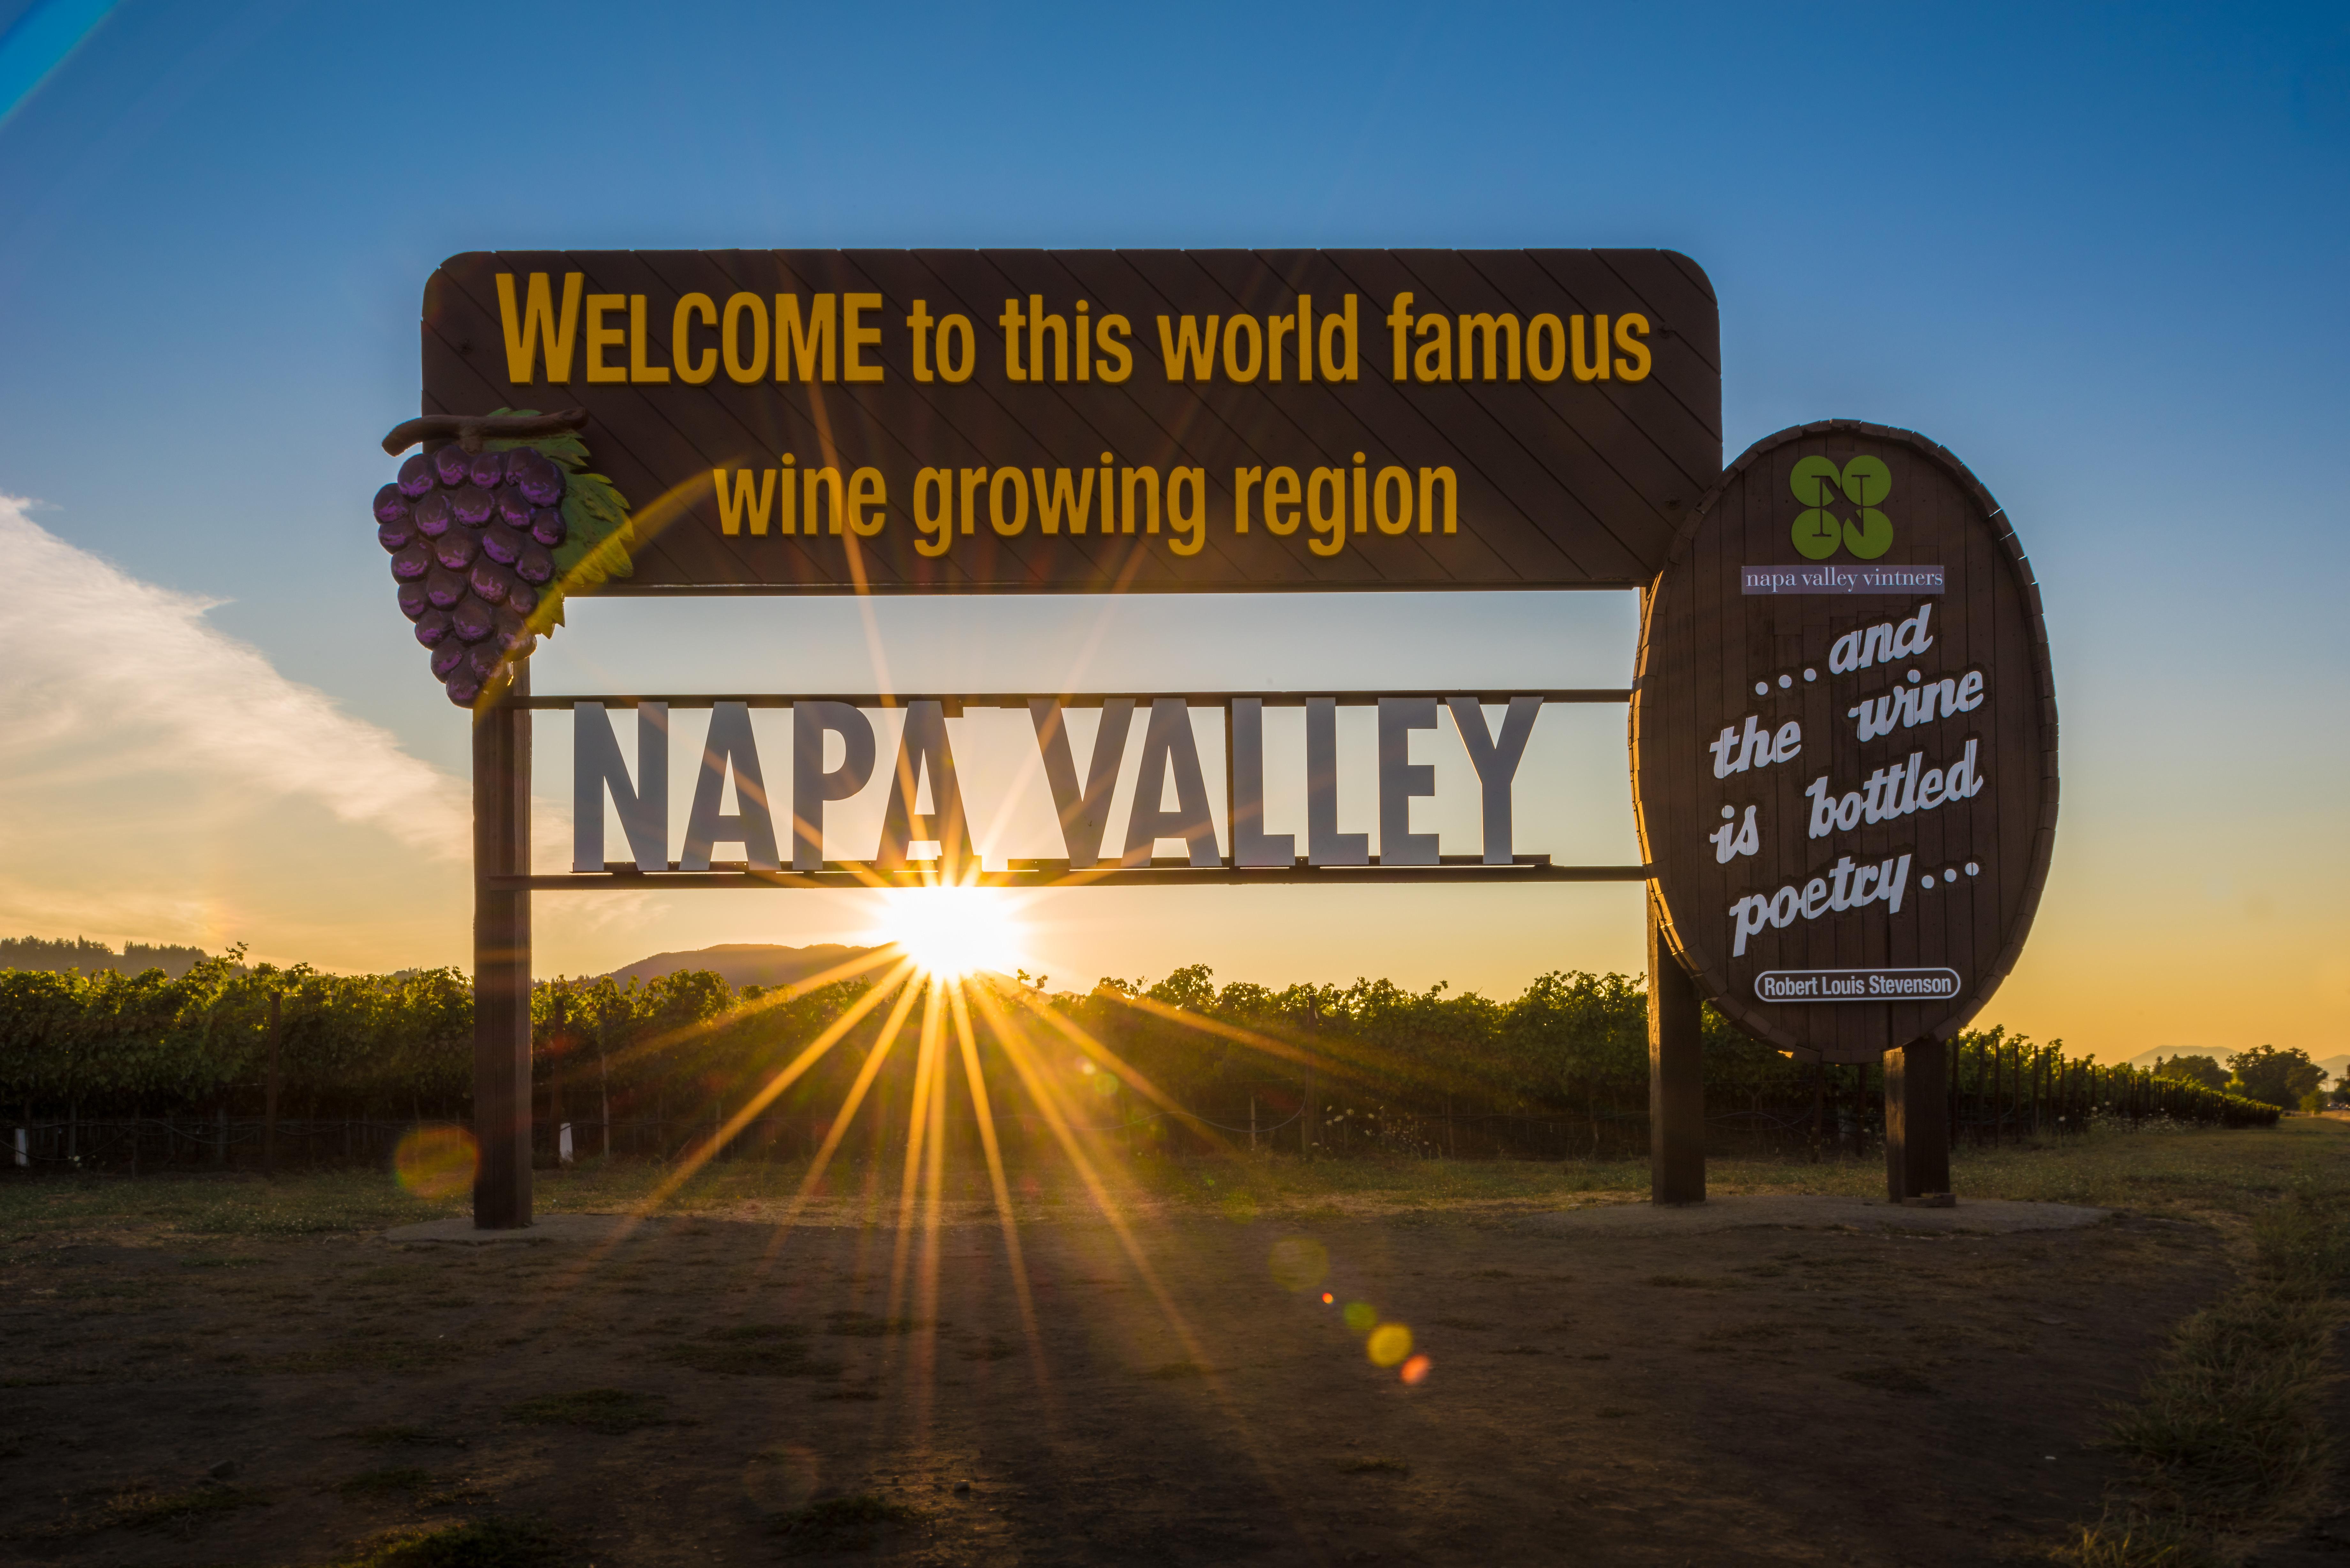 Foto: Bob McClenahan, visitnapavalley.com